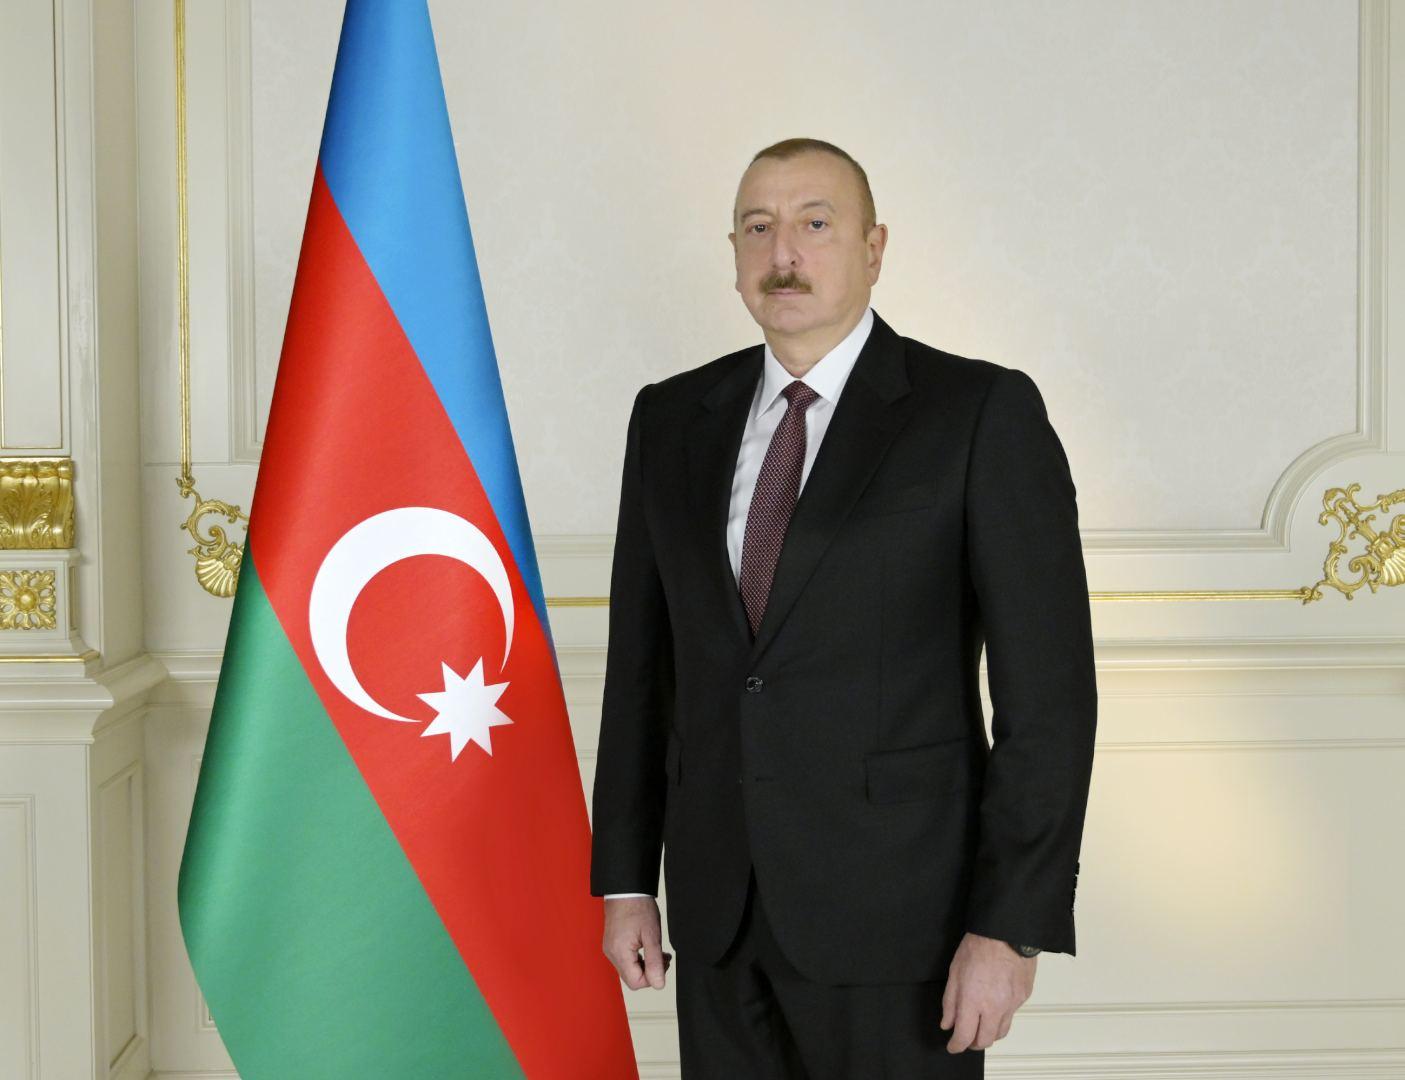 2020/10/ilham_aliyev_main_photo_200320_3_1602938878.jpg